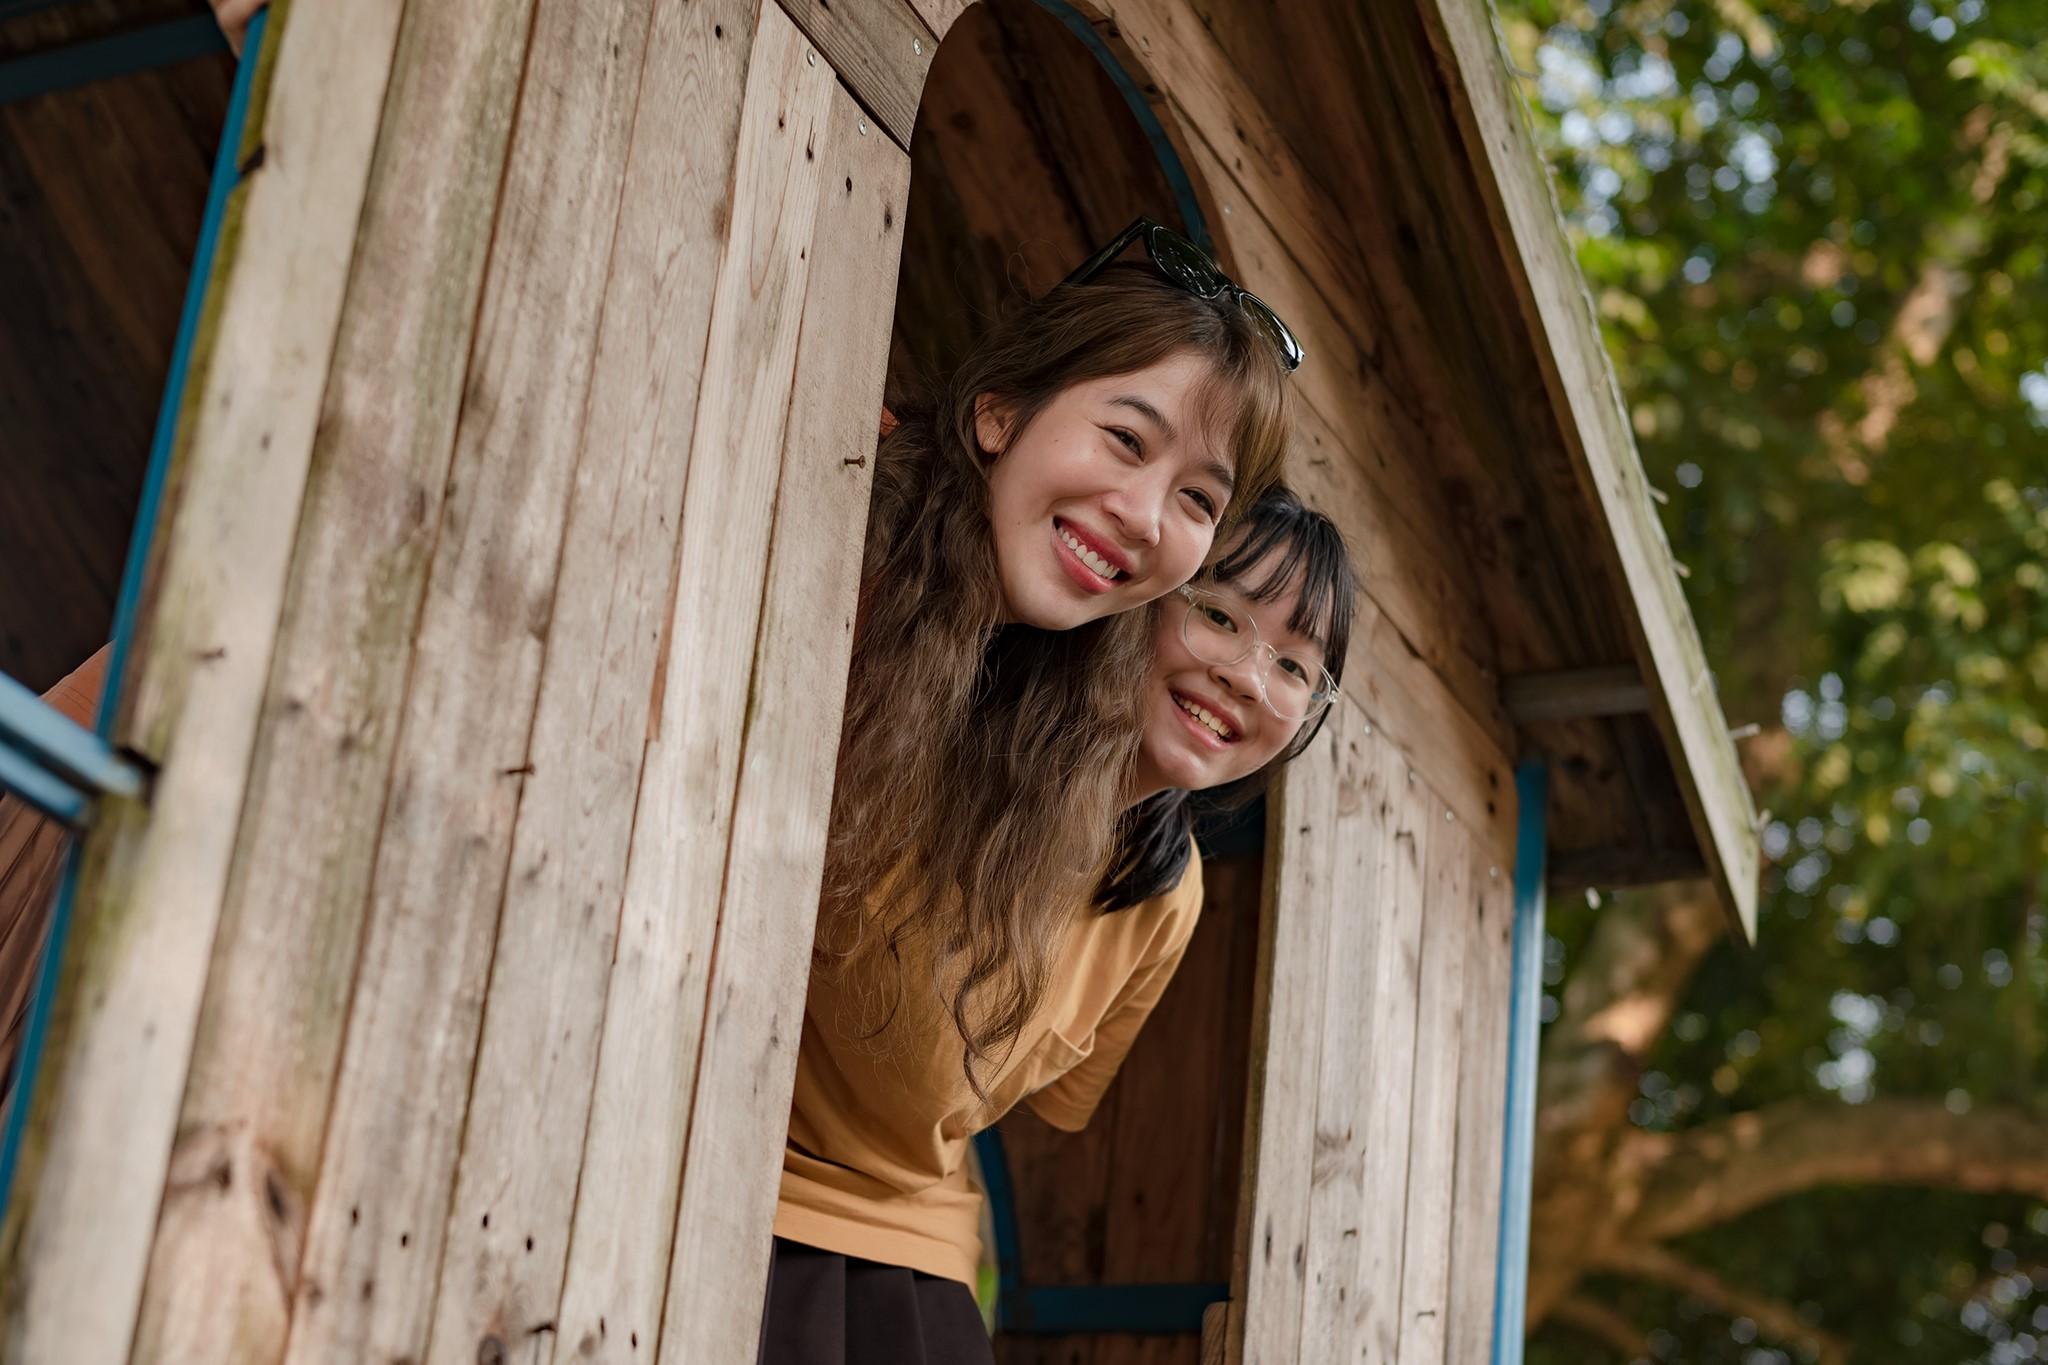 Con gái MC Diệp Chi mới 9 tuổi đã cao gần bằng mẹ, học cực giỏi lại ngoan, bí kíp gói gọn trong 2 việc đơn giản mẹ nào cũng có thể học theo - Ảnh 11.